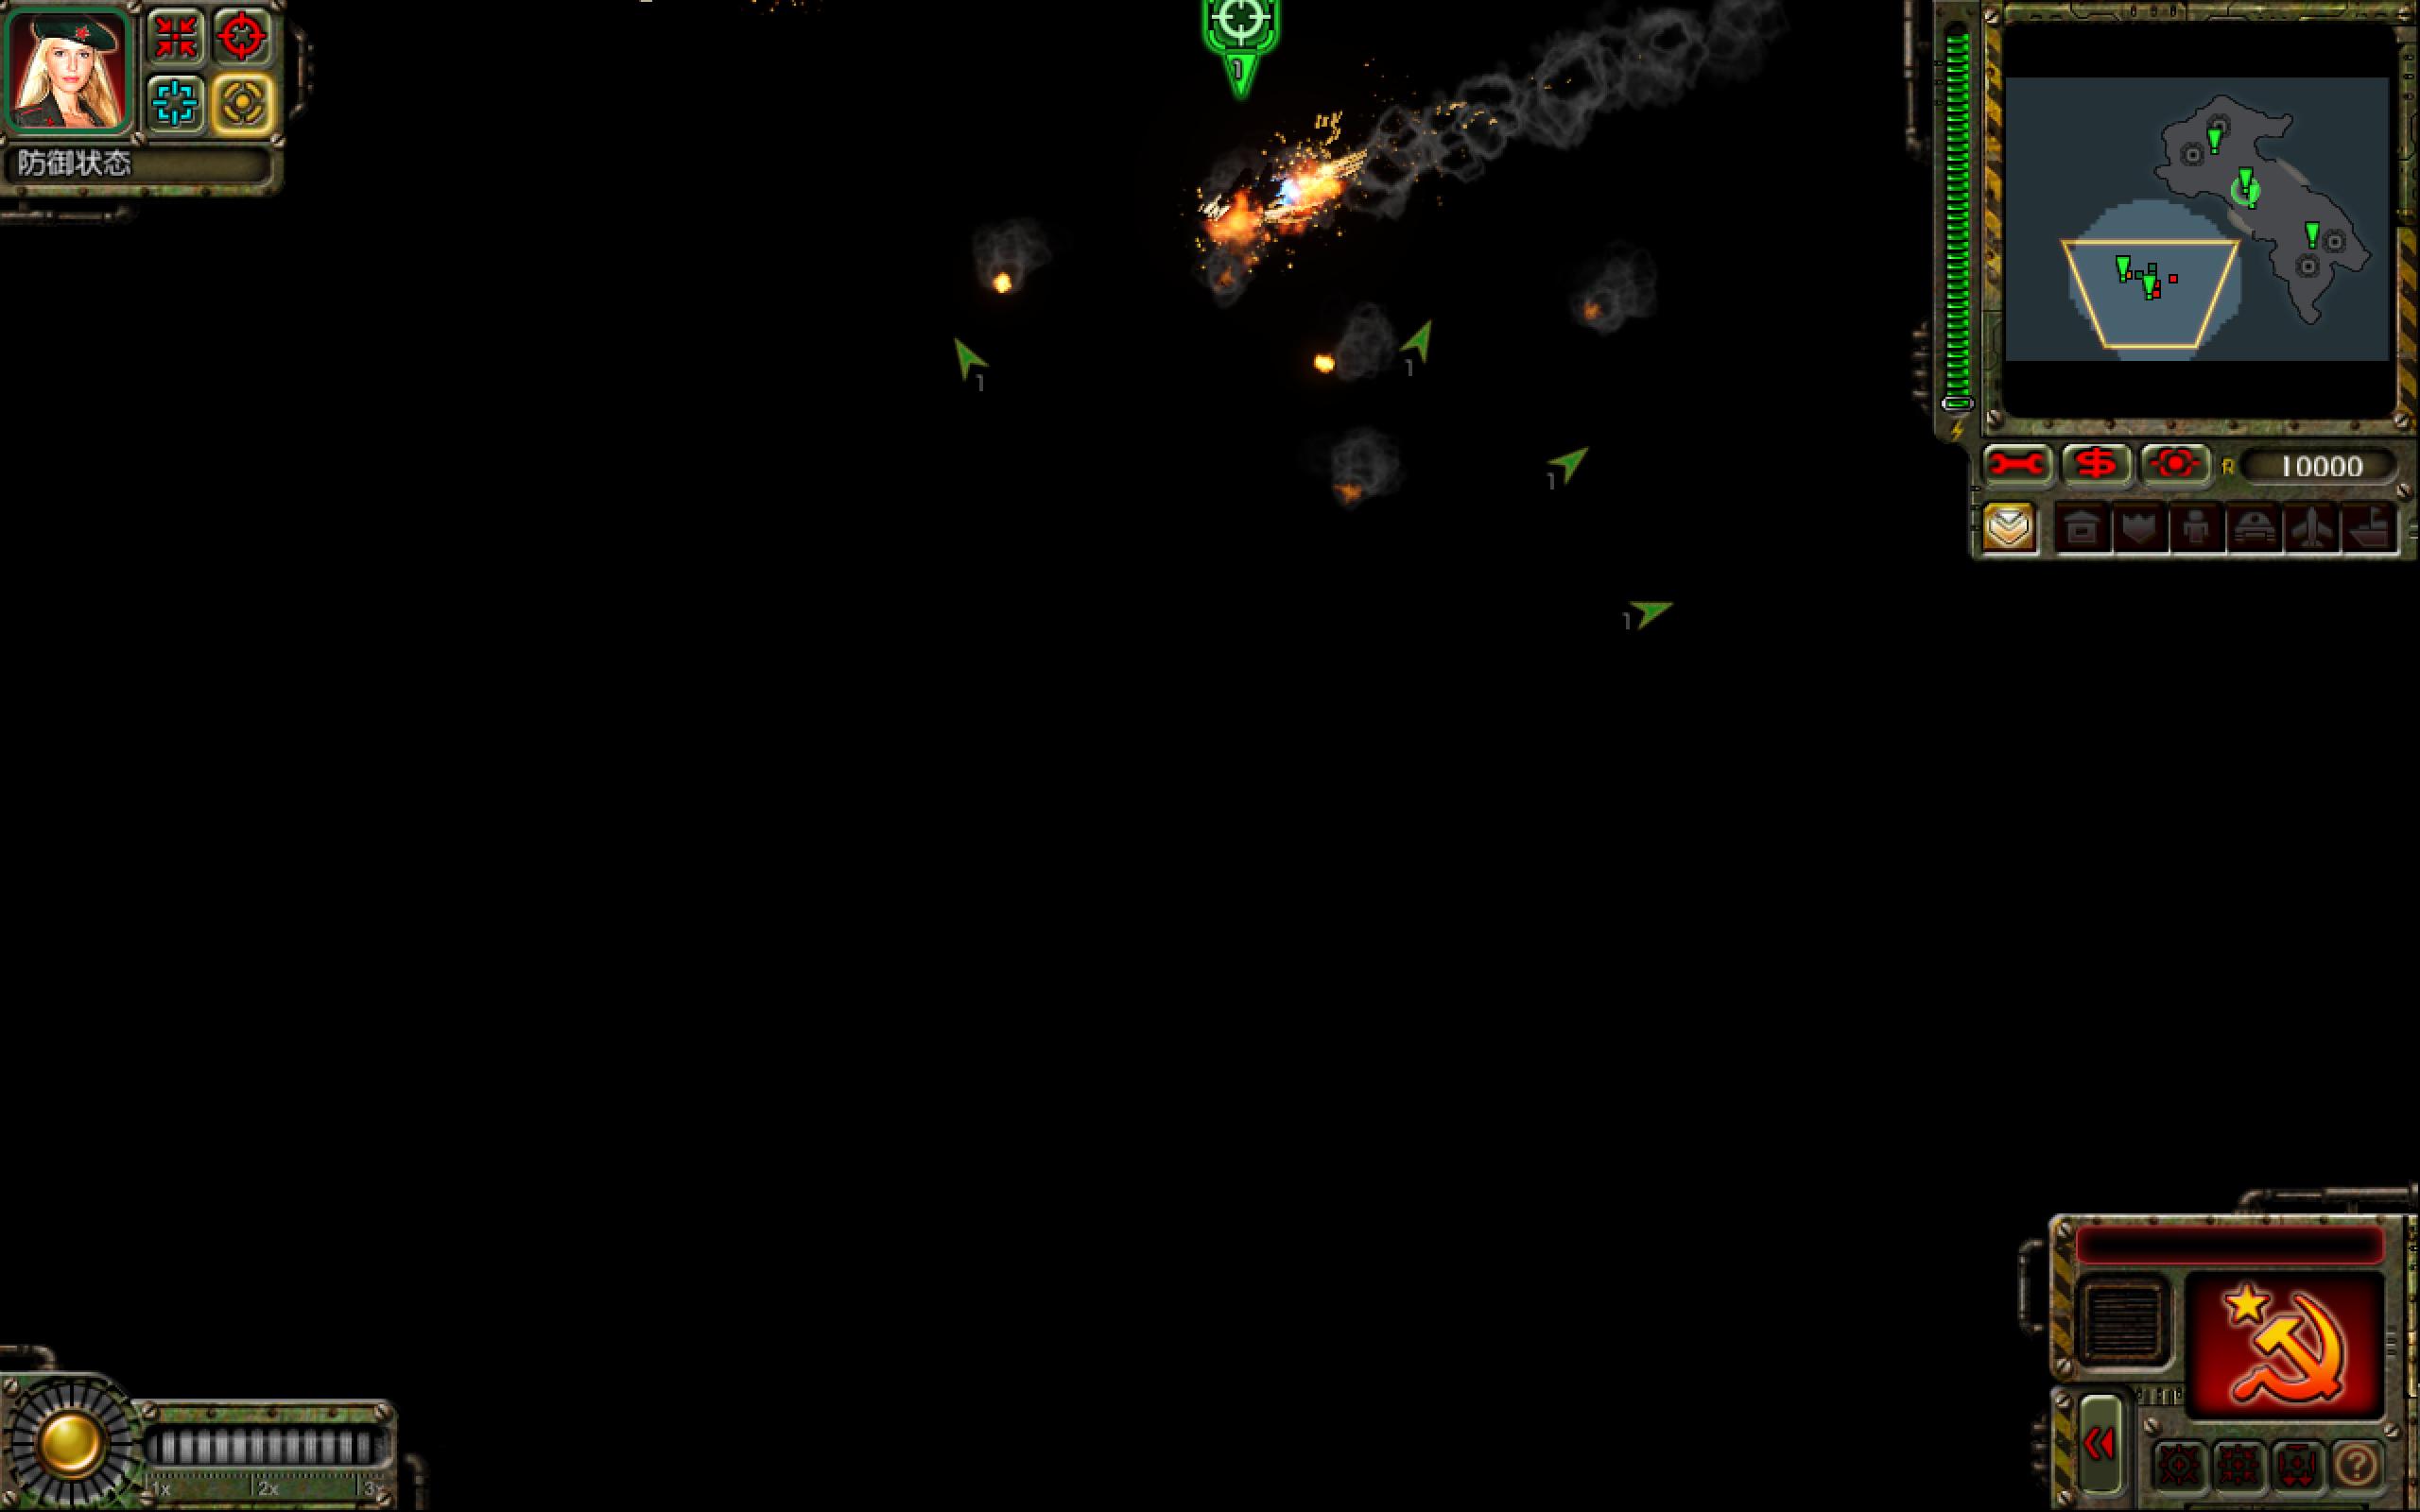 """牛牛游戏网页 显然,在这个时候,政府不仅仅要处理""""大午""""粮液和五粮液的关系问题,而且还需要进一步去理清和处理五粮液自身存在的问题,也就是说如果五粮液的产品和.超级大逆转!《弈棋耍大牌》年终总决赛马俊杰夺魁-原创-高清视频-爱.网络牛牛网站_网络牛牛网站官网_【官网唯一网站】>>>欢迎您!!!"""